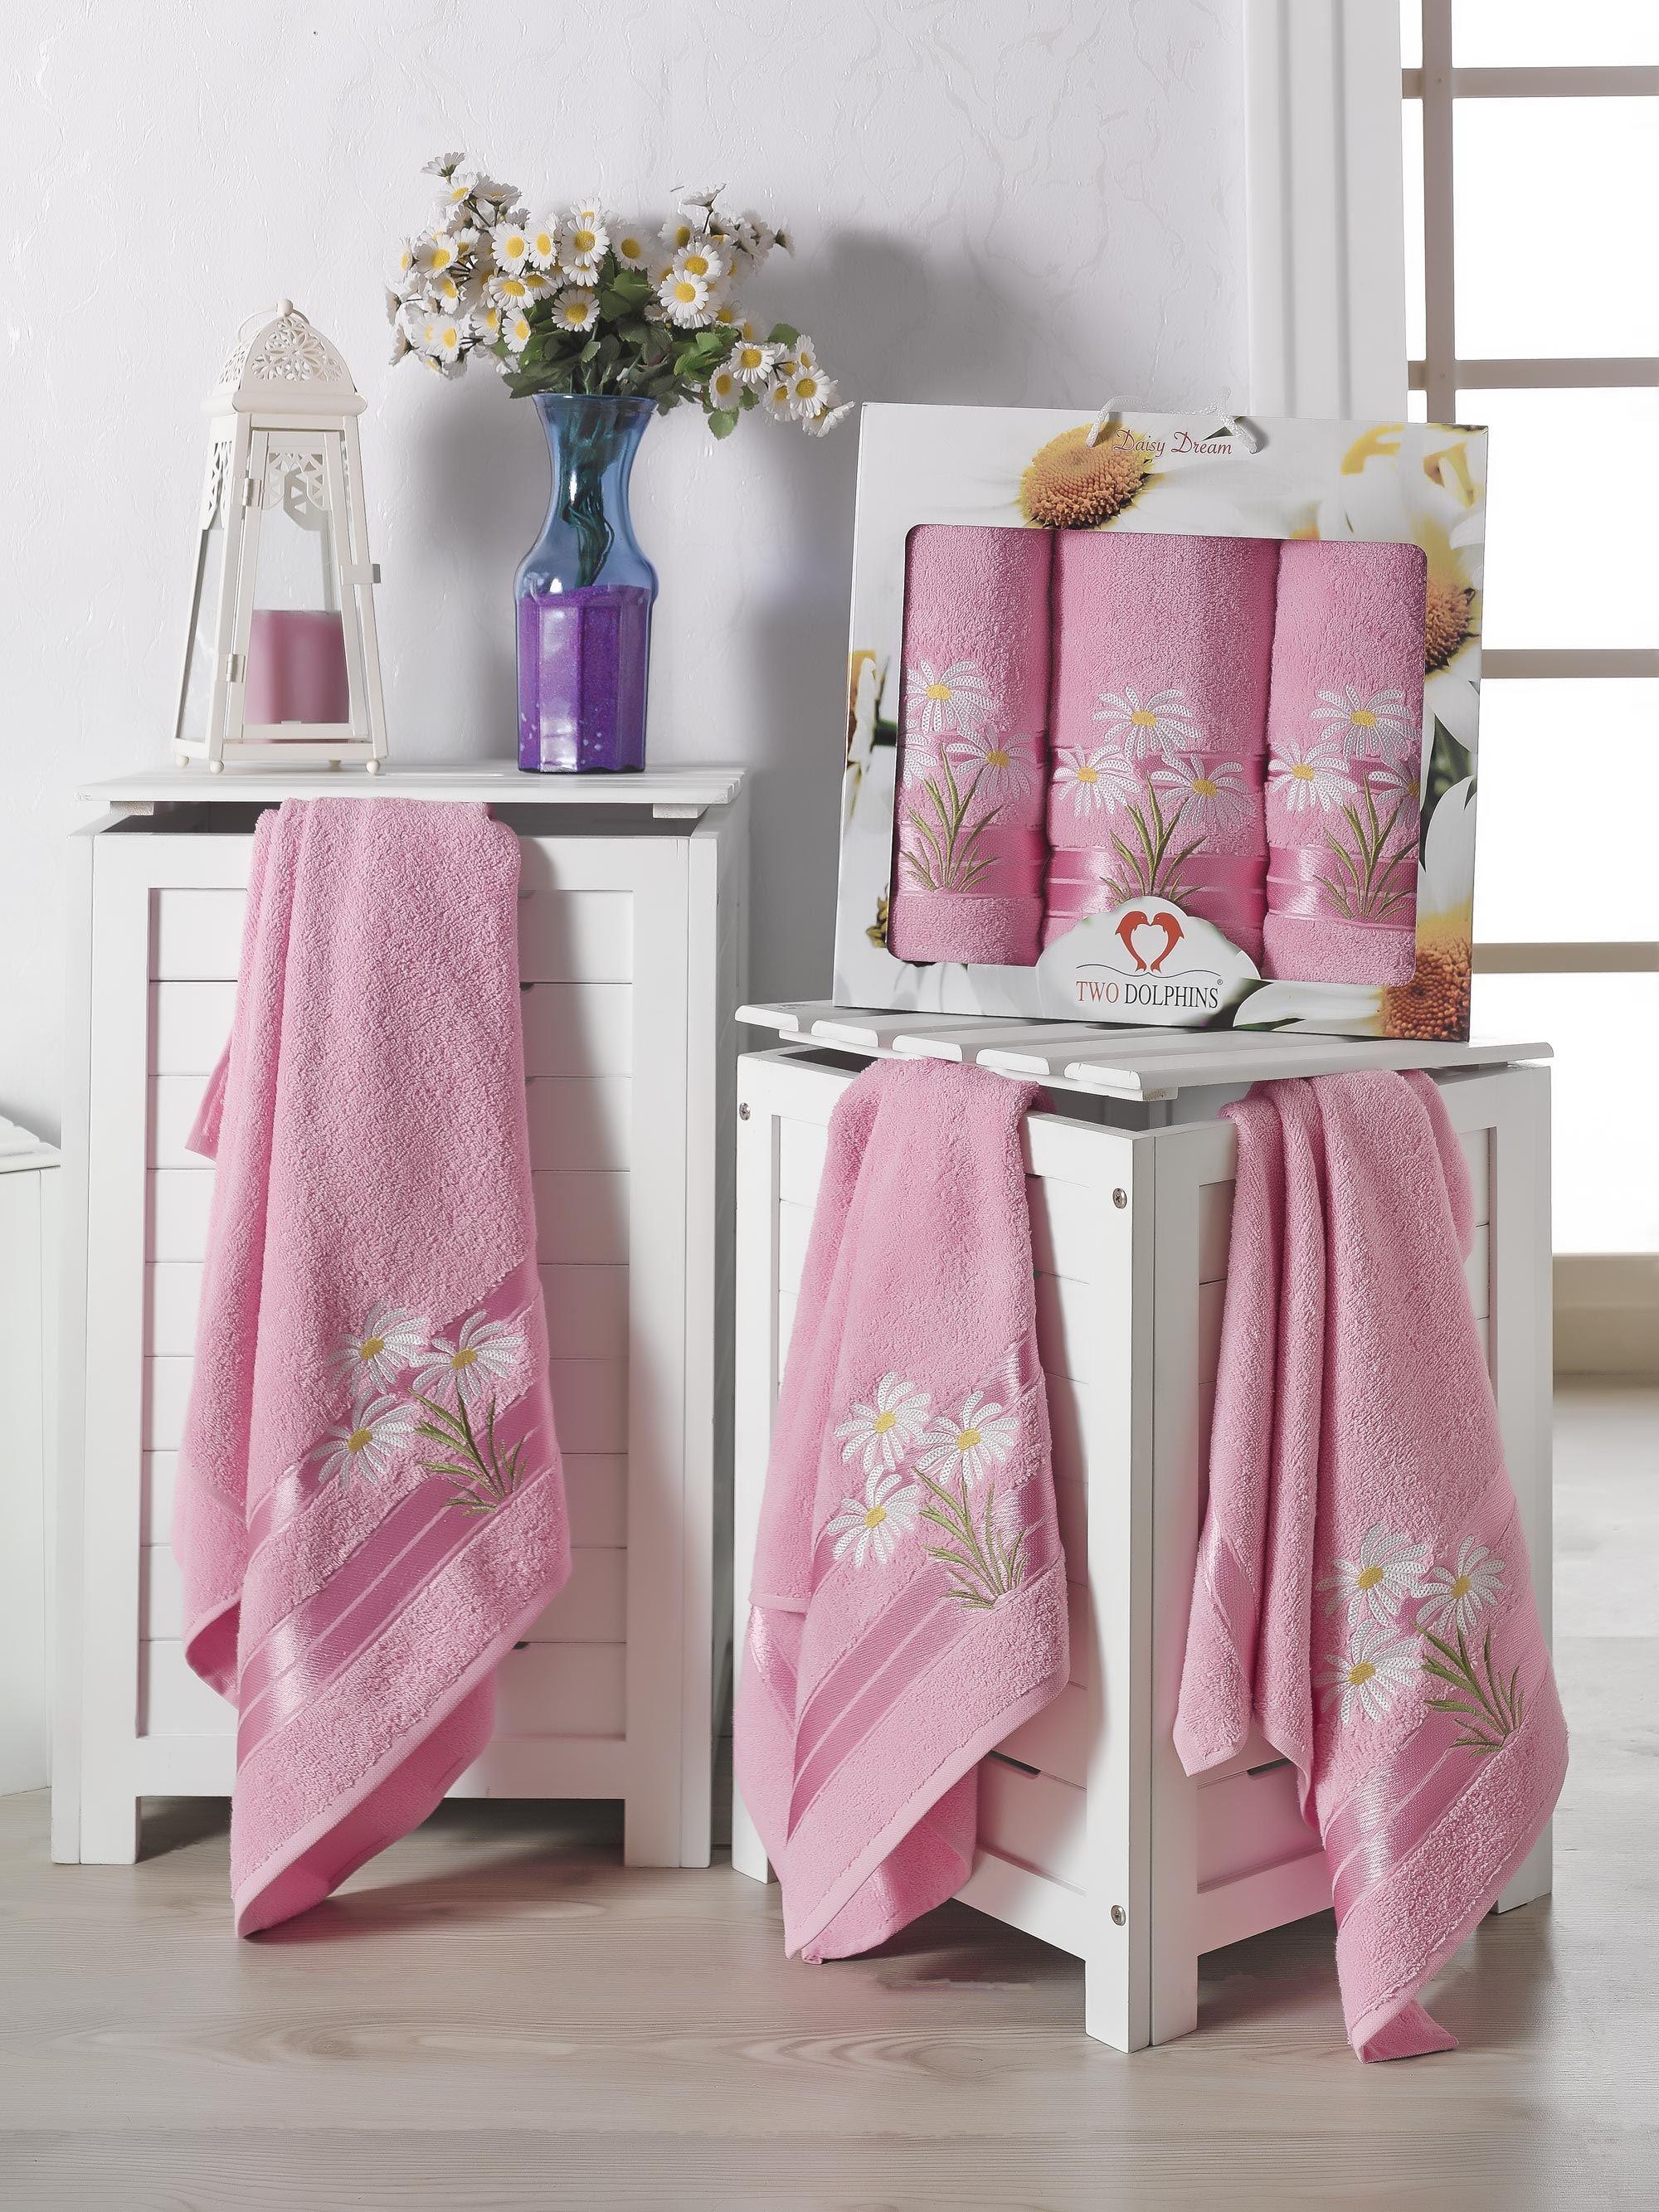 Купить Полотенца Two Dolphins, Полотенце Daisy Dream Цвет: Розовый (50х90 см - 2 шт, 70х140 см), Турция, Махра